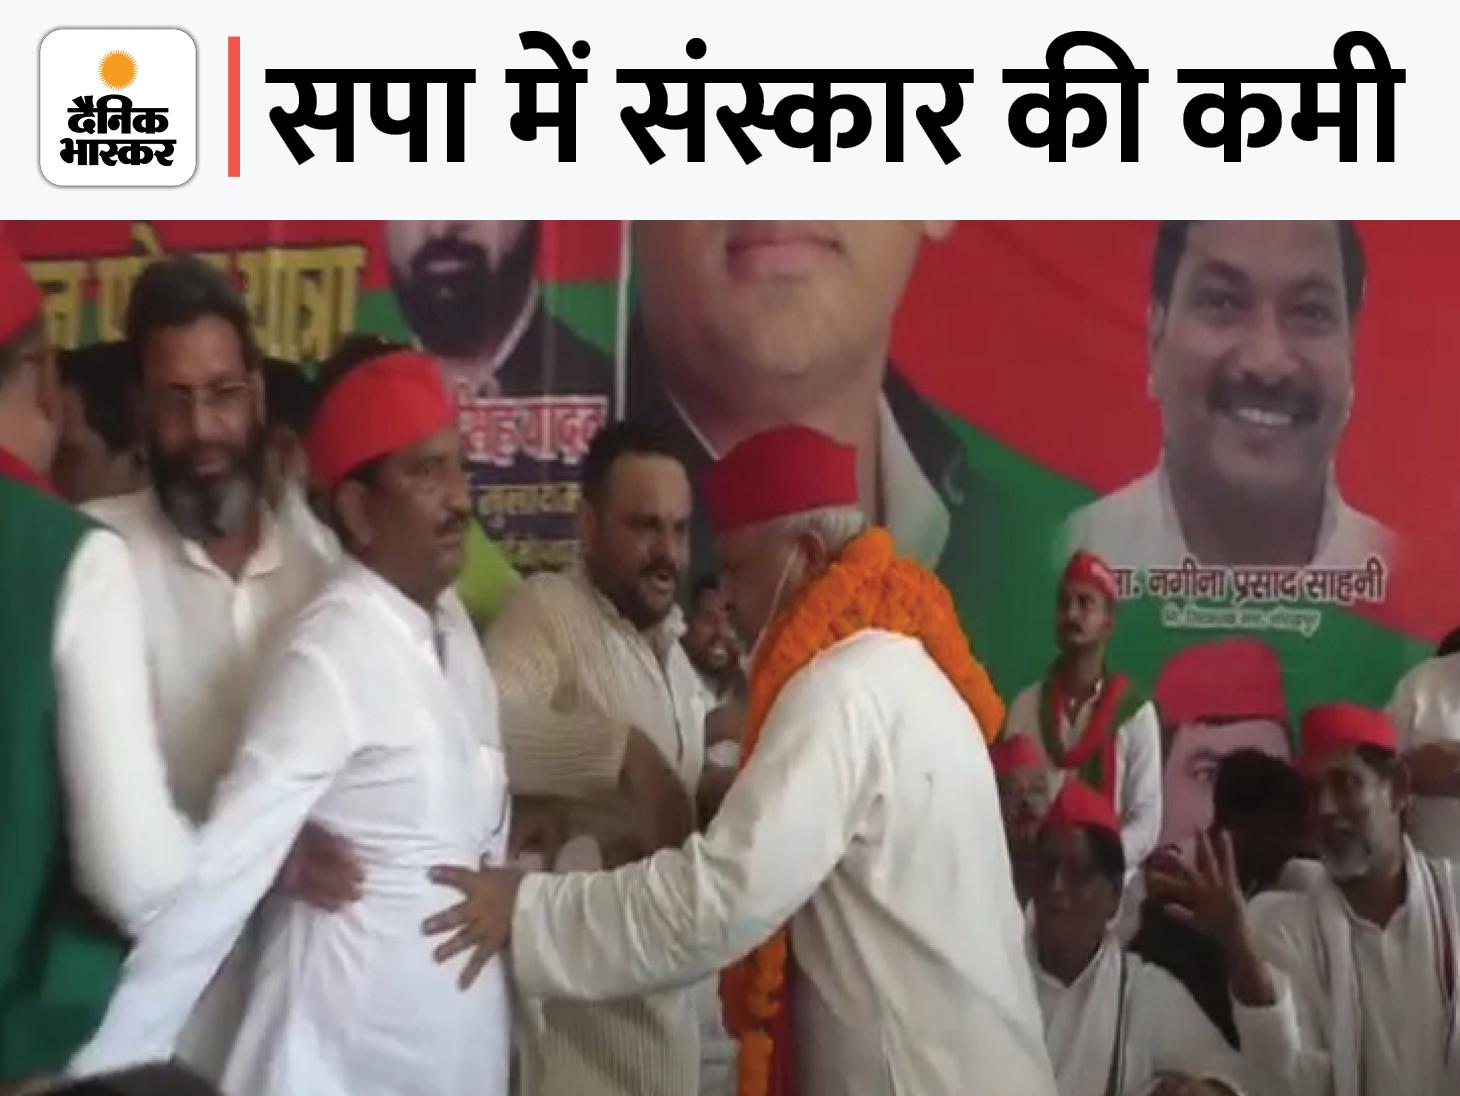 'किसान नौजवान पटेल यात्रा' में कार्यकर्ताओं की बदसलूकी के शिकार हुए सपा प्रदेश अध्यक्ष, 5 घंटे की देरी से पहुंचे थे; गुस्से में खोया आपा गोरखपुर,Gorakhpur - Dainik Bhaskar